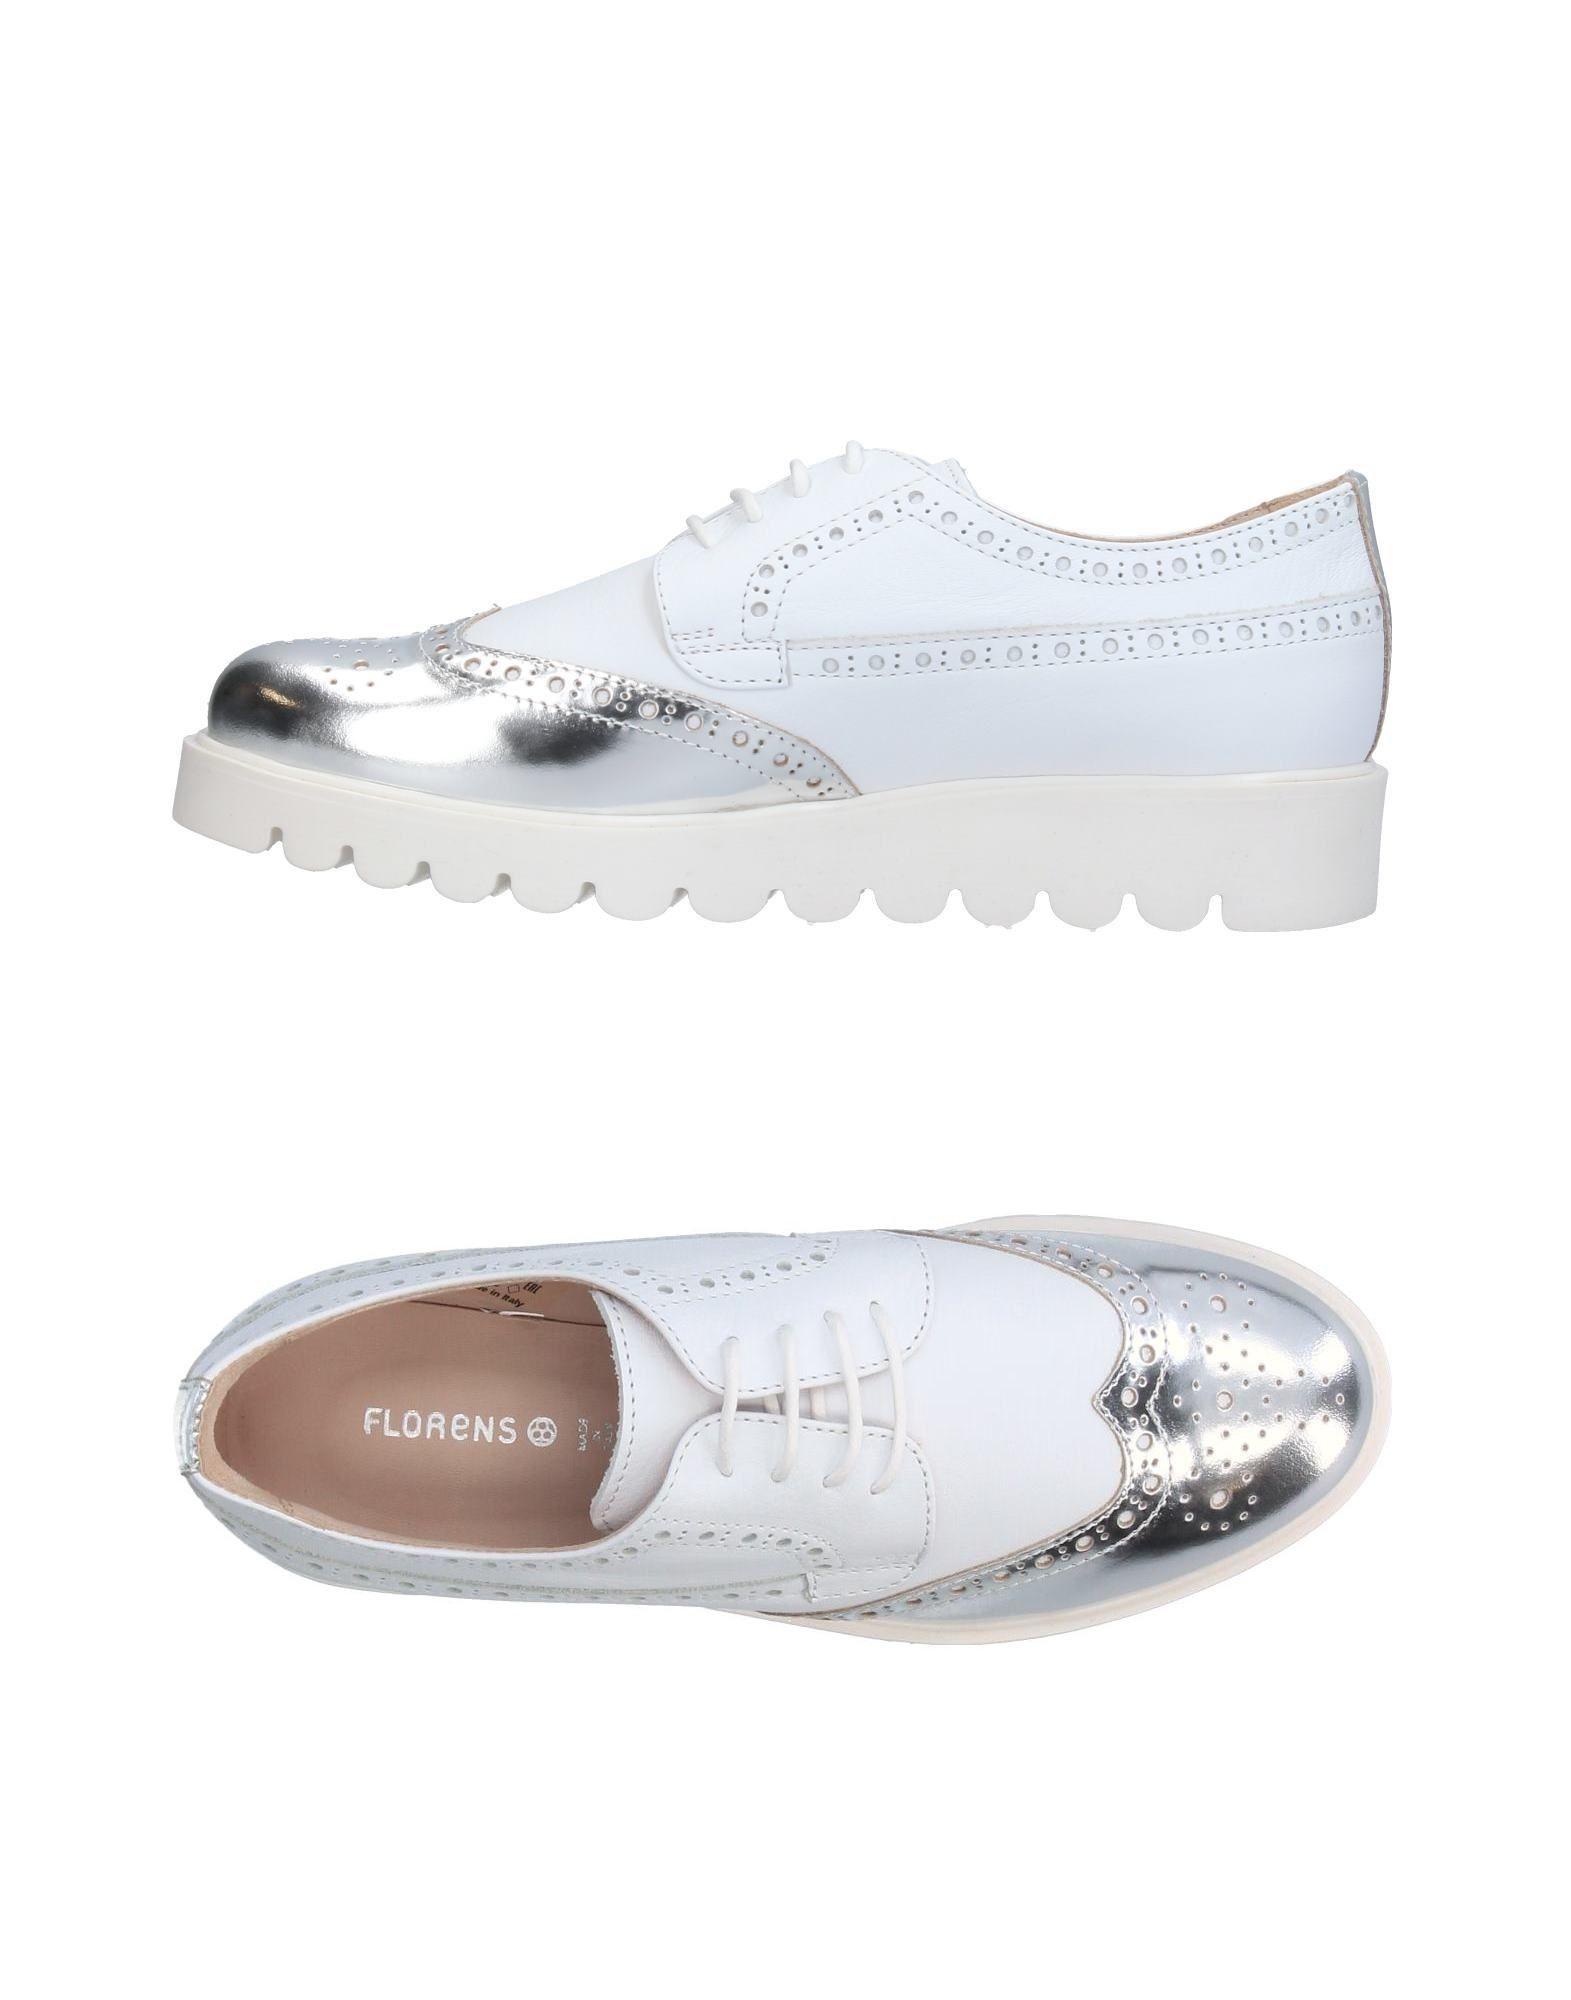 FLORENS Mädchen 9-16 jahre Schnürschuh Farbe Silber Größe 31 jetztbilligerkaufen